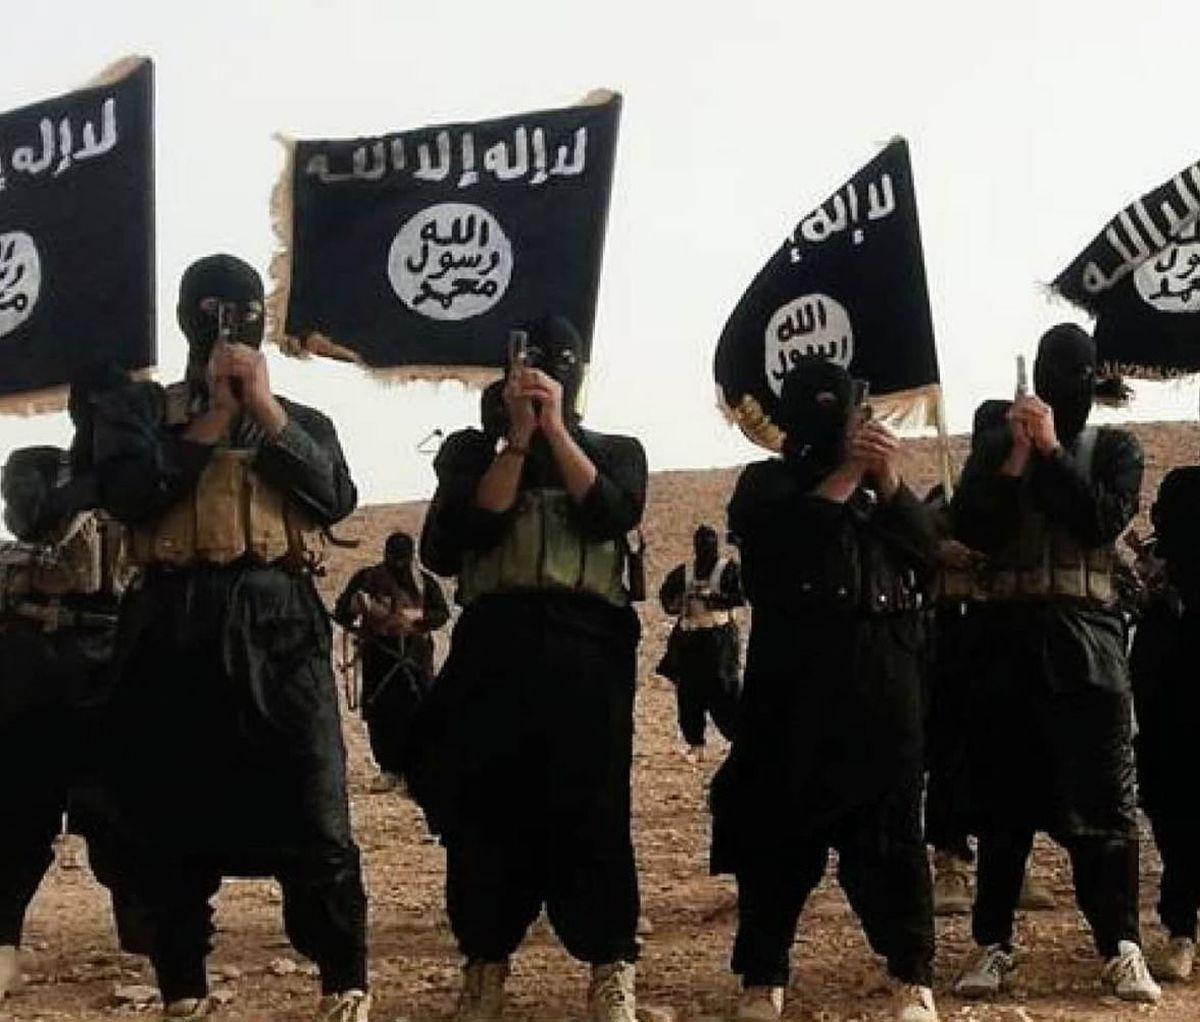 تهدید جدید داعش خراسان / داعش خراسان چه می خواهد؟